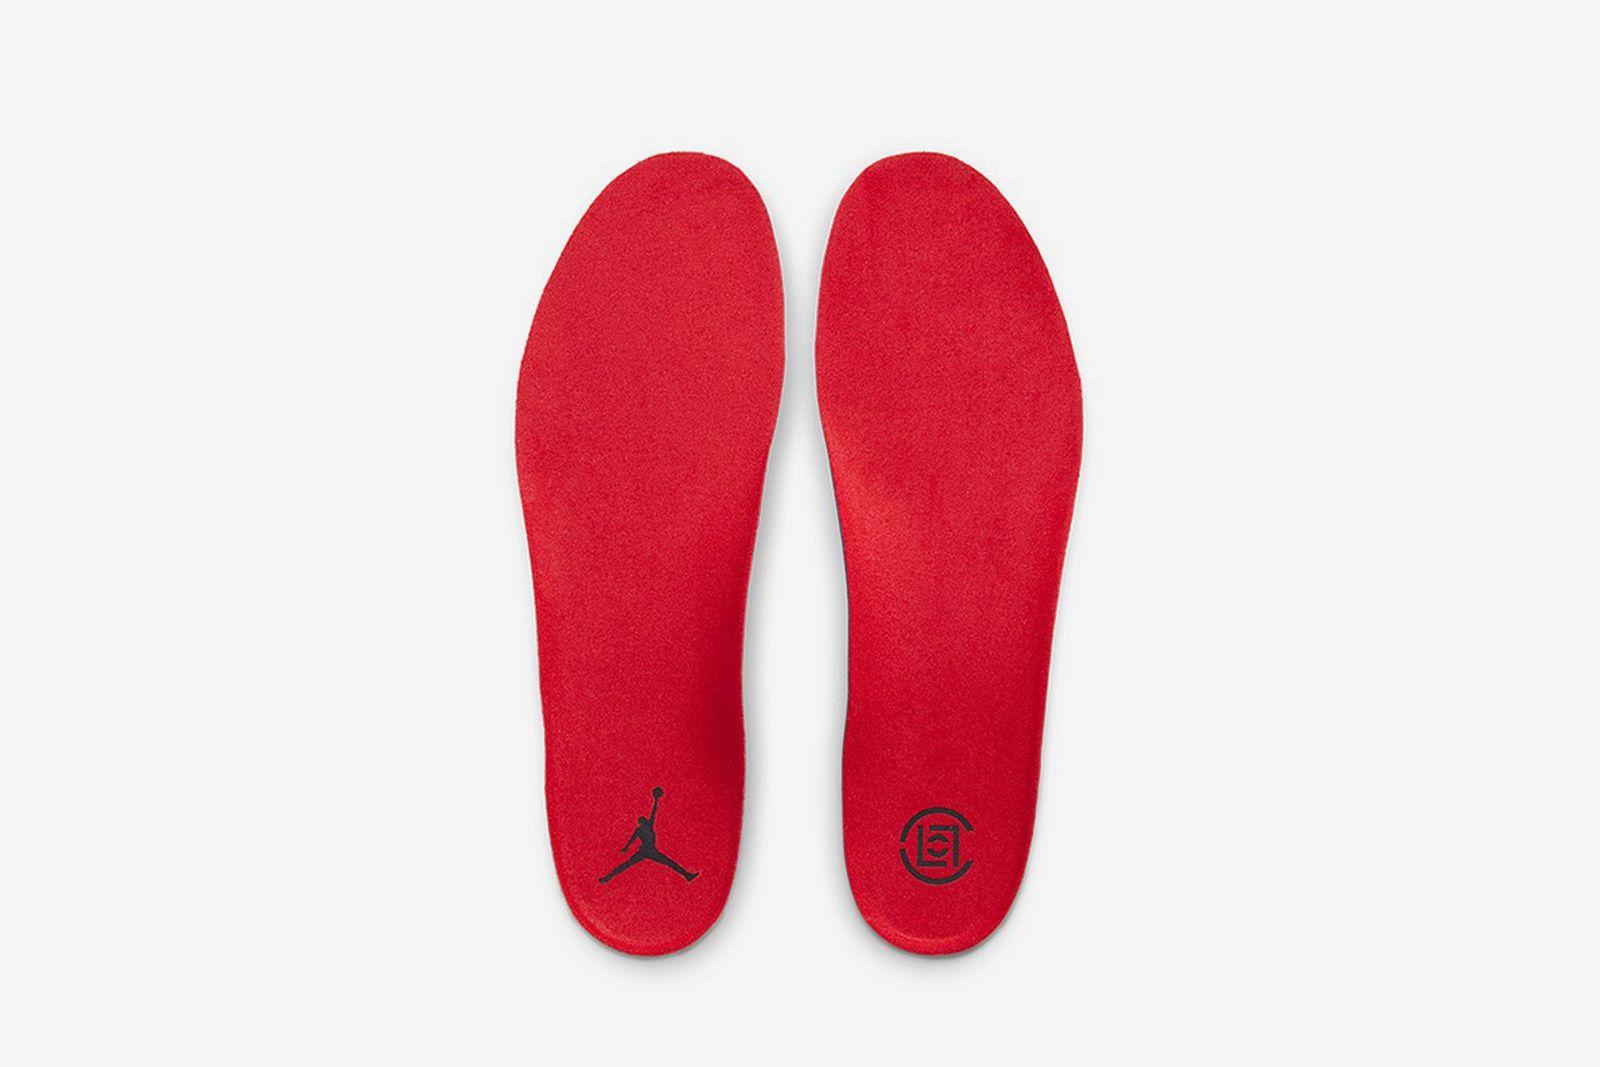 clot-air-jordan-35-release-date-price-08